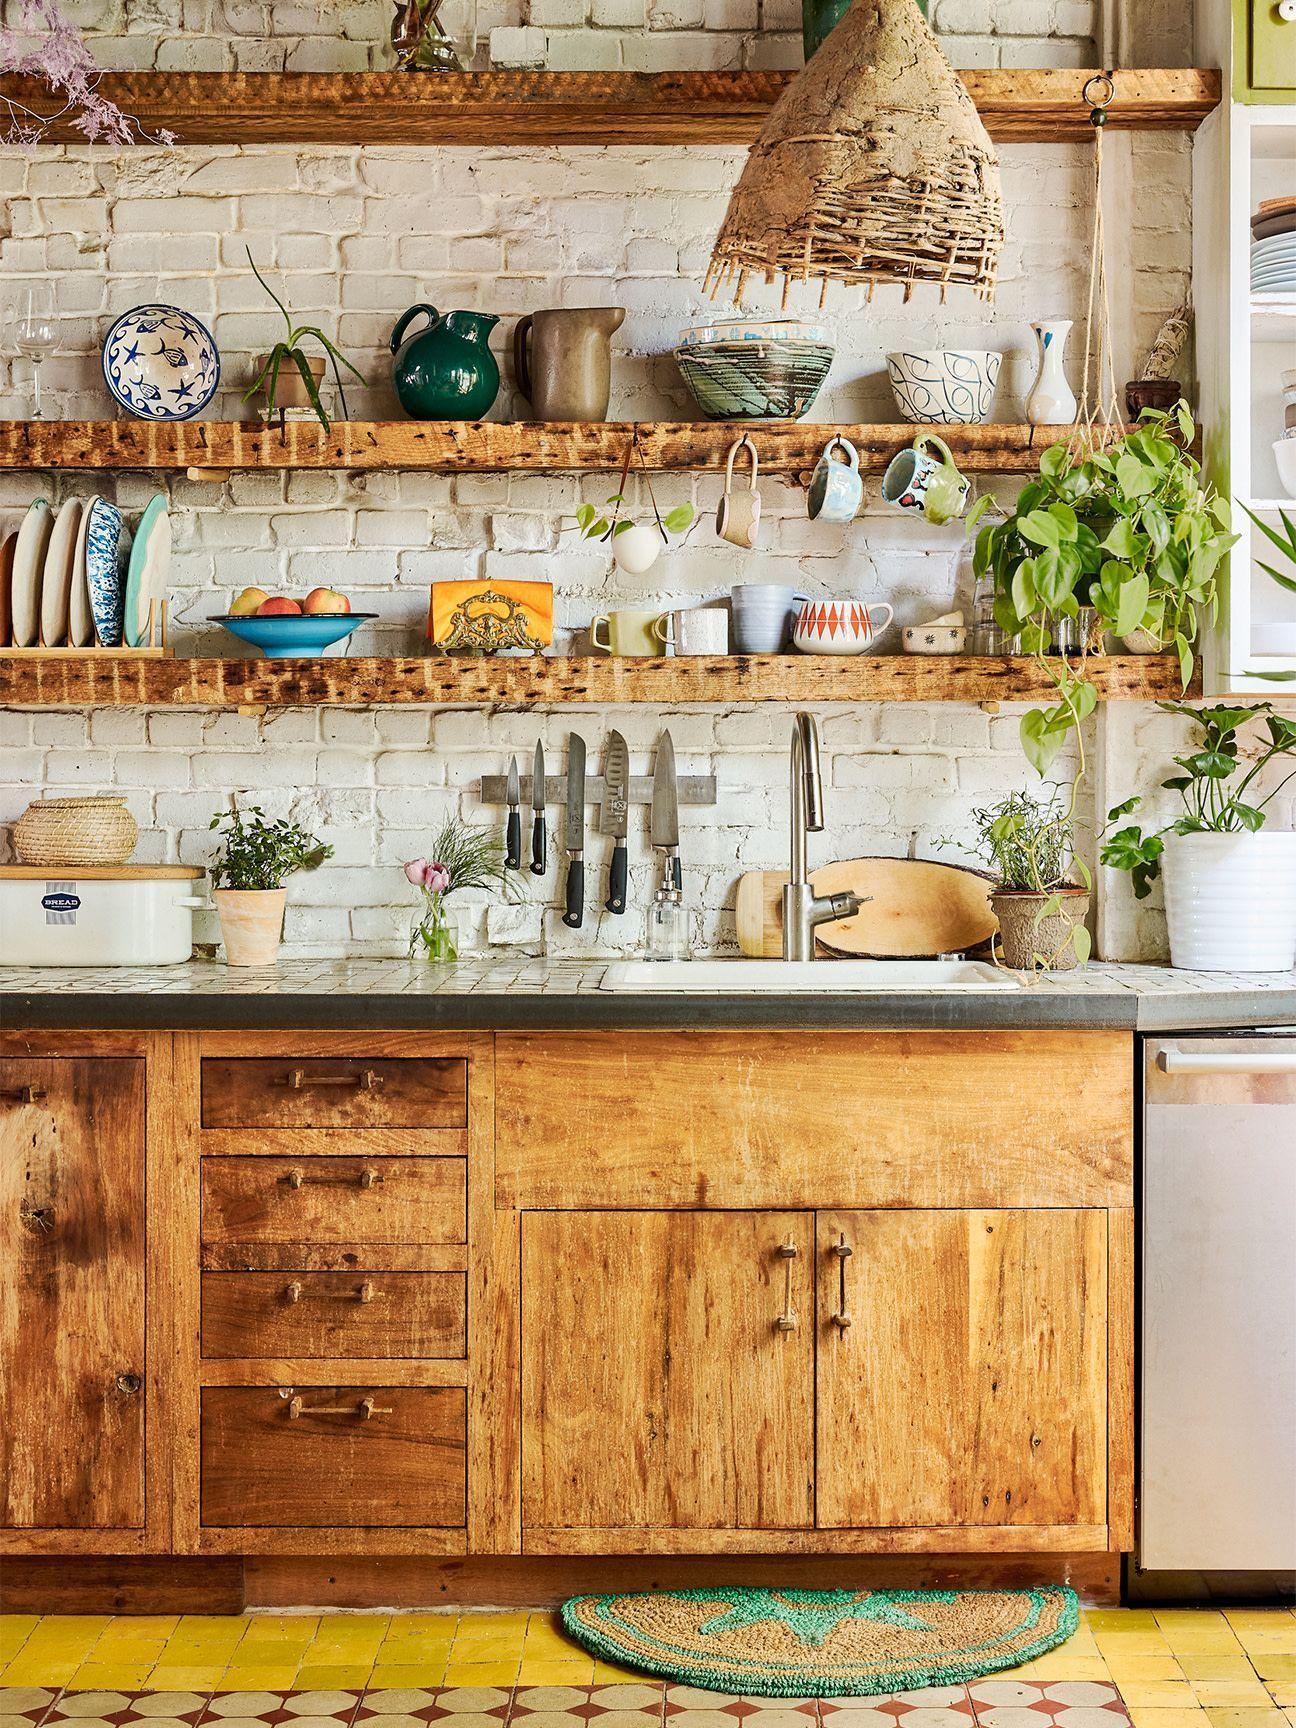 Pin von Coastal Home Decor auf Kitchen Pantry Ideas ...